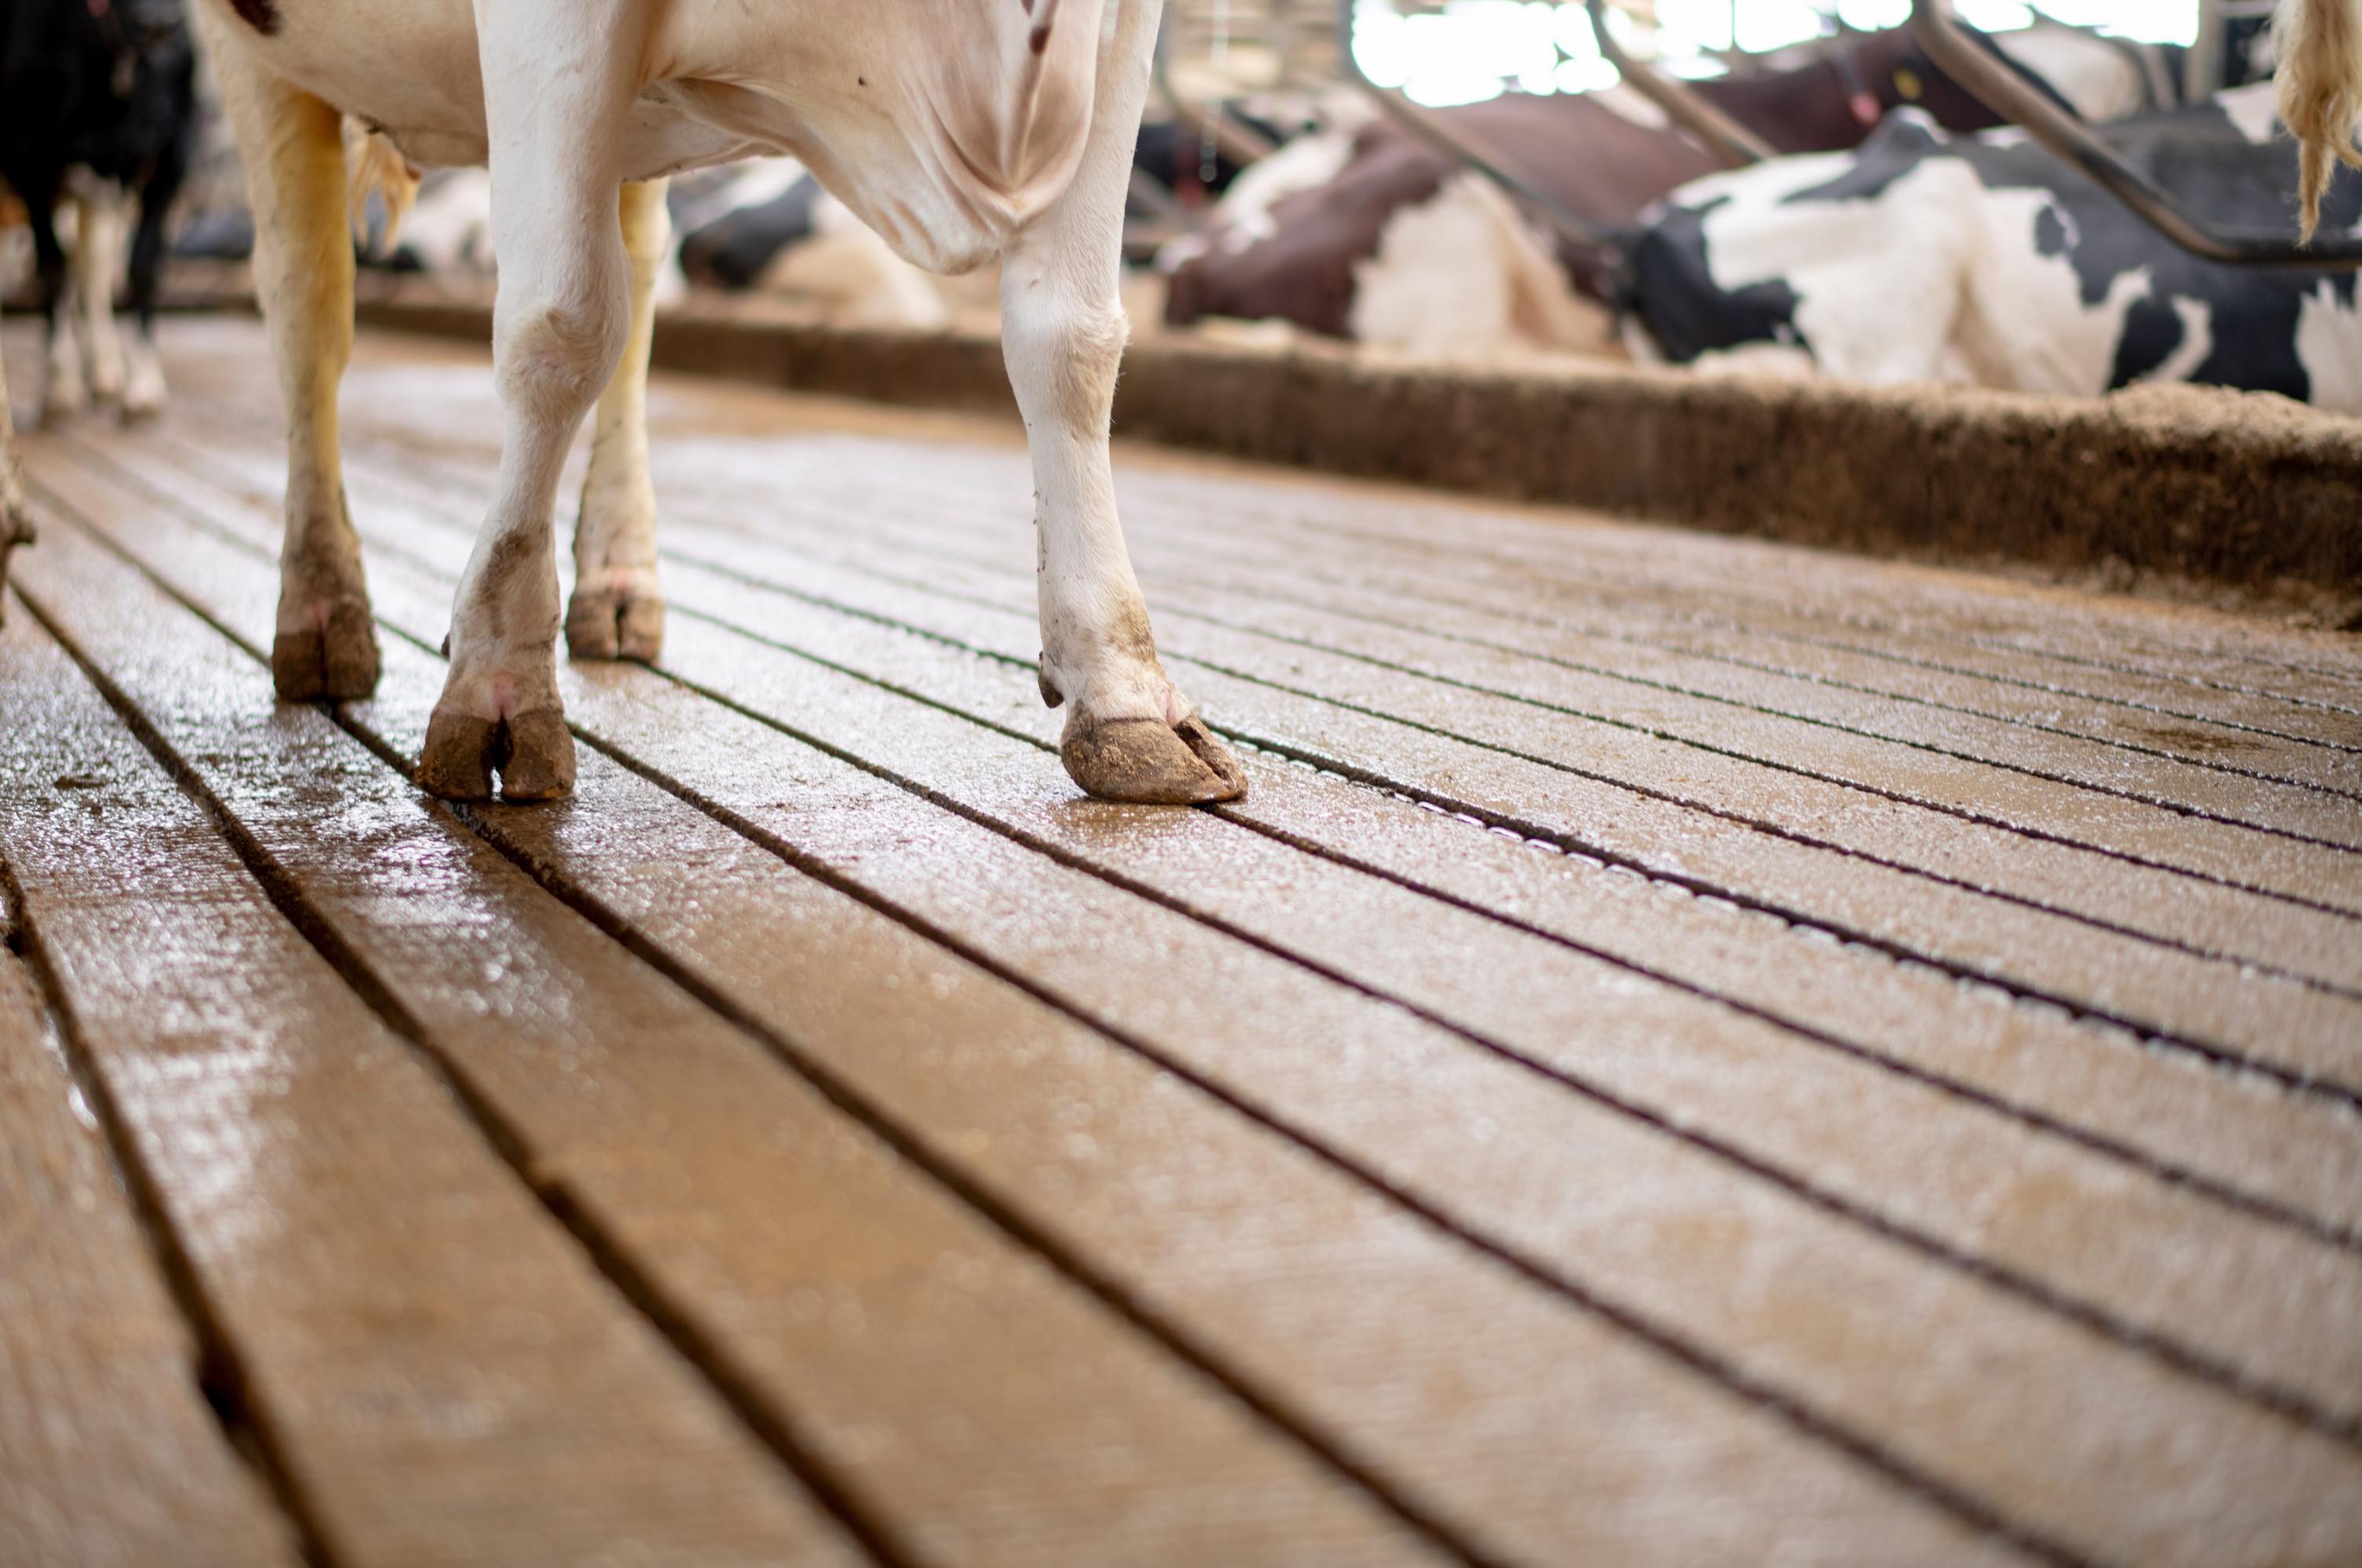 <p>Een goede beloopbaarheid en schone koeien, gegarandeerd!</p>